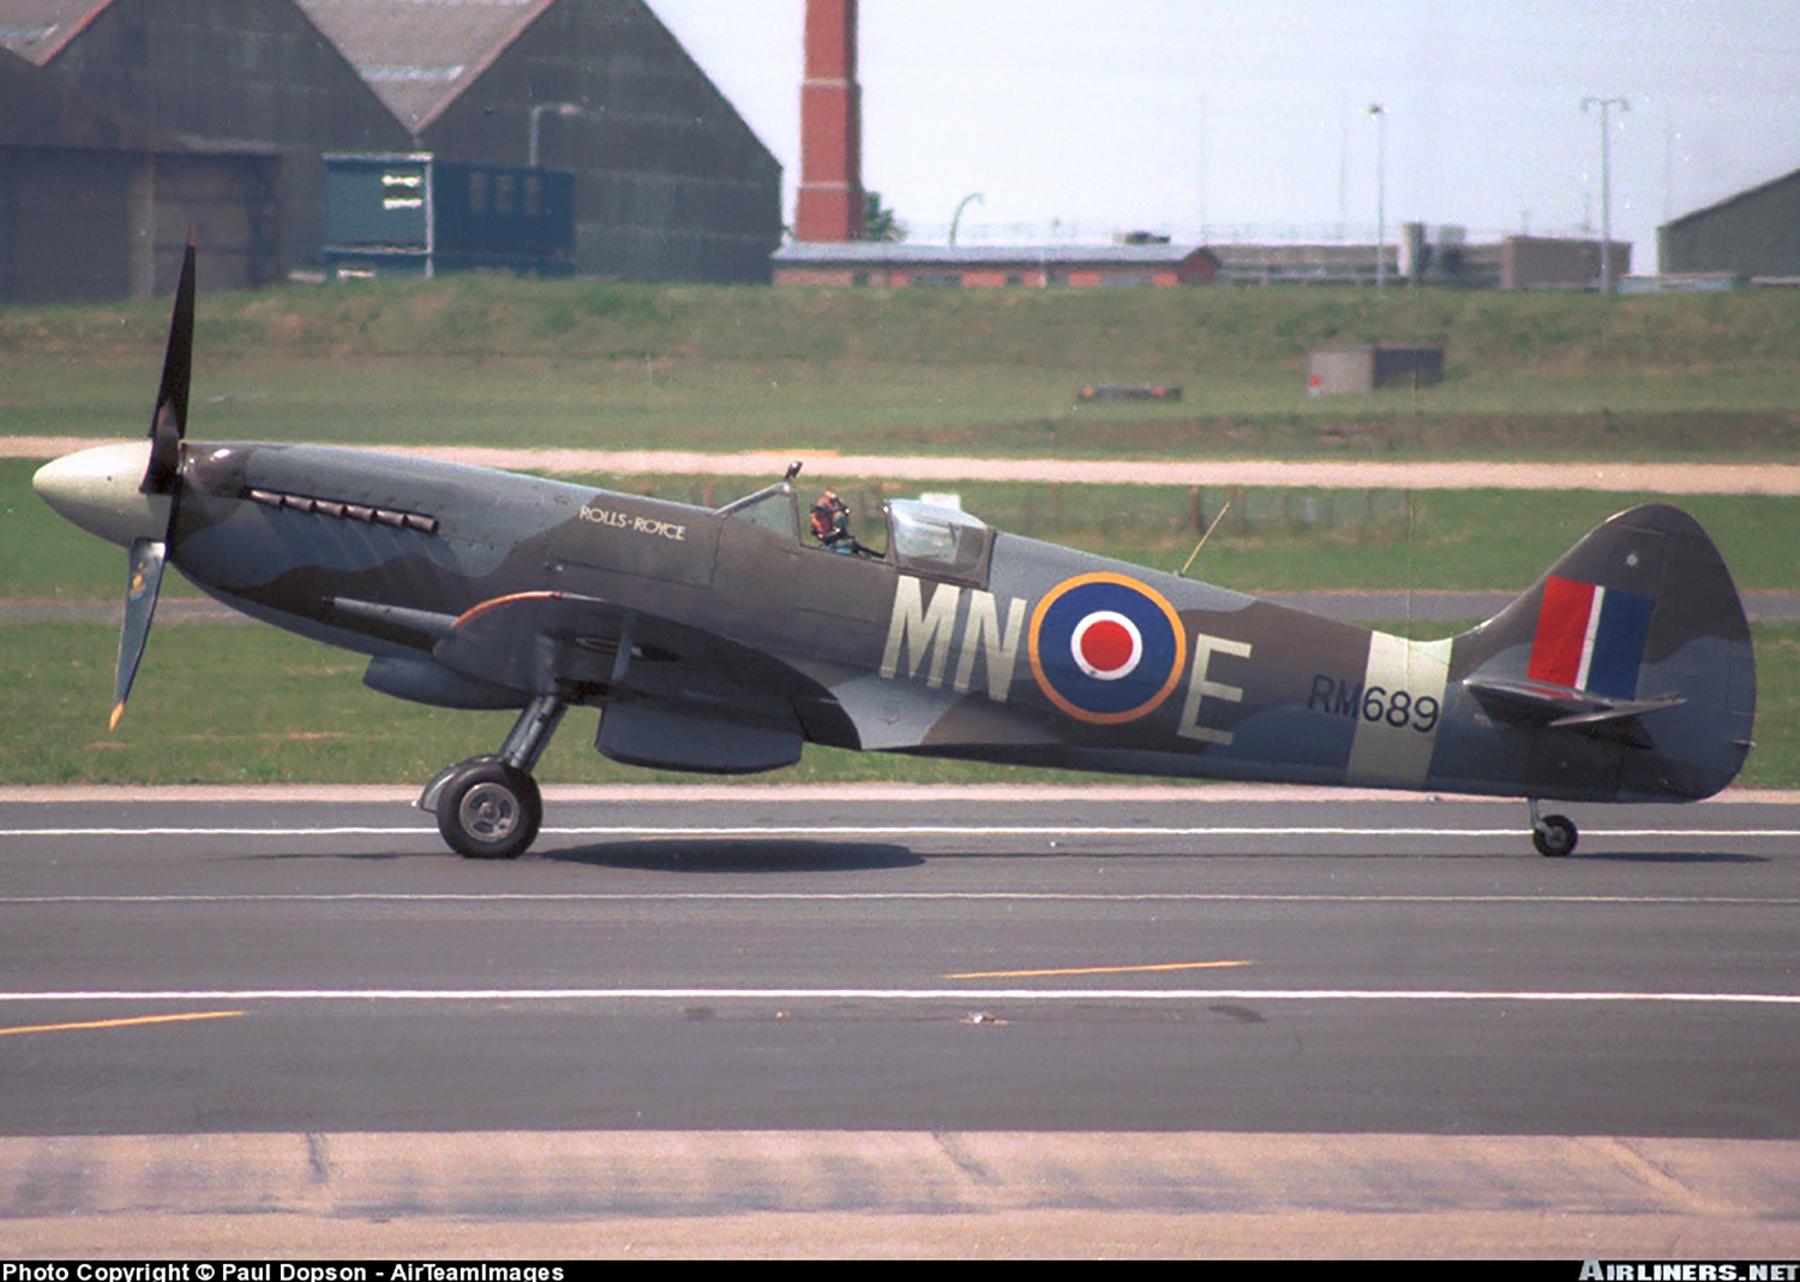 Airworthy Spitfire warbird XIVe RAF 350Sqn MNE RM689 01